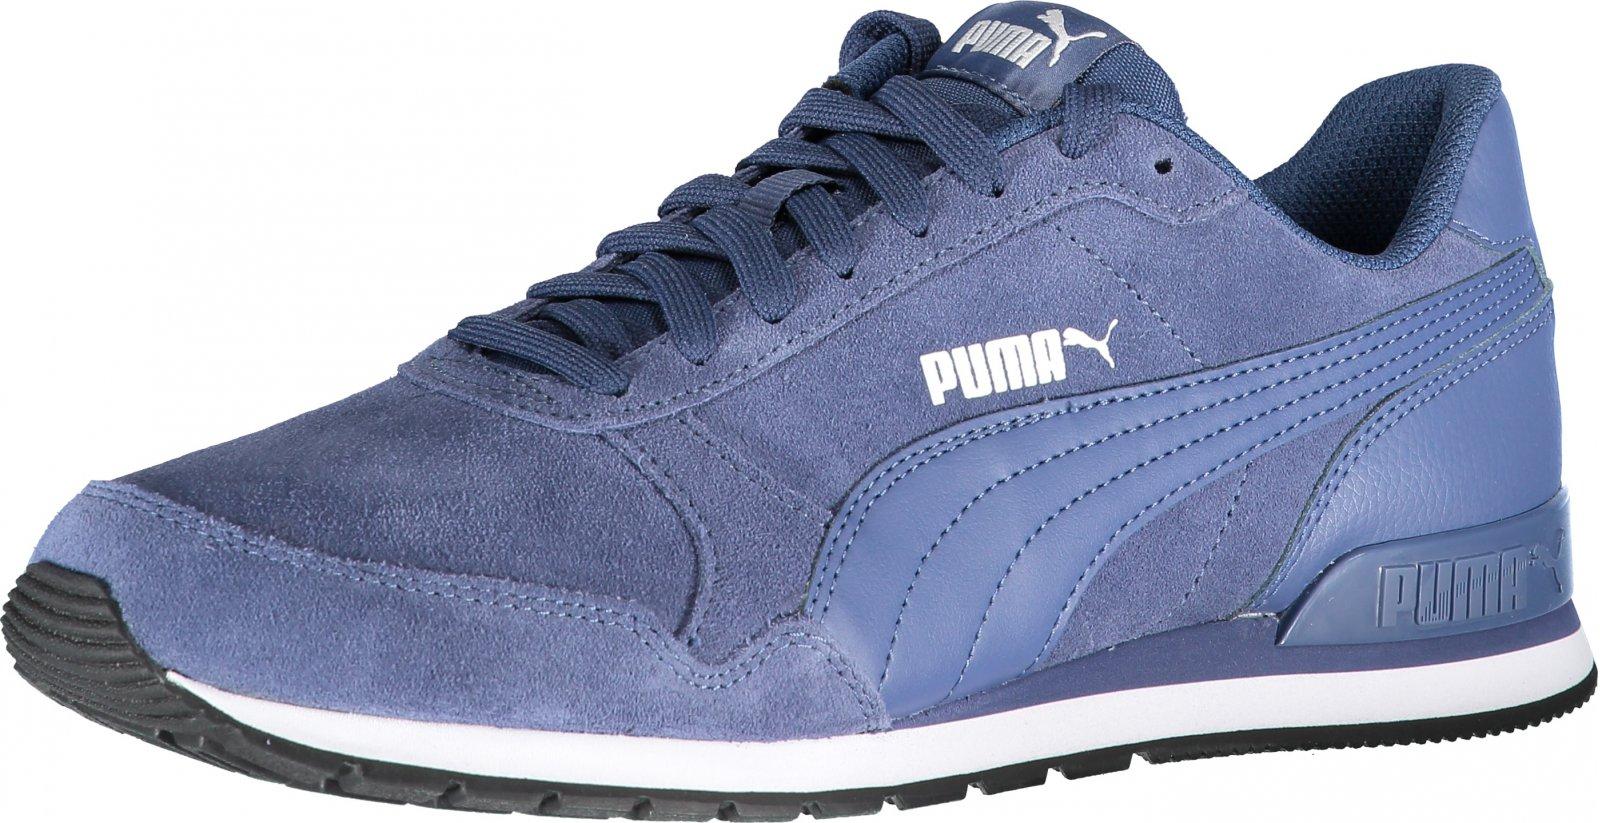 Puma ST Runner V2 SD 36527902 Blue Indigo od 999 Kč • Zboží.cz 2339bfde22